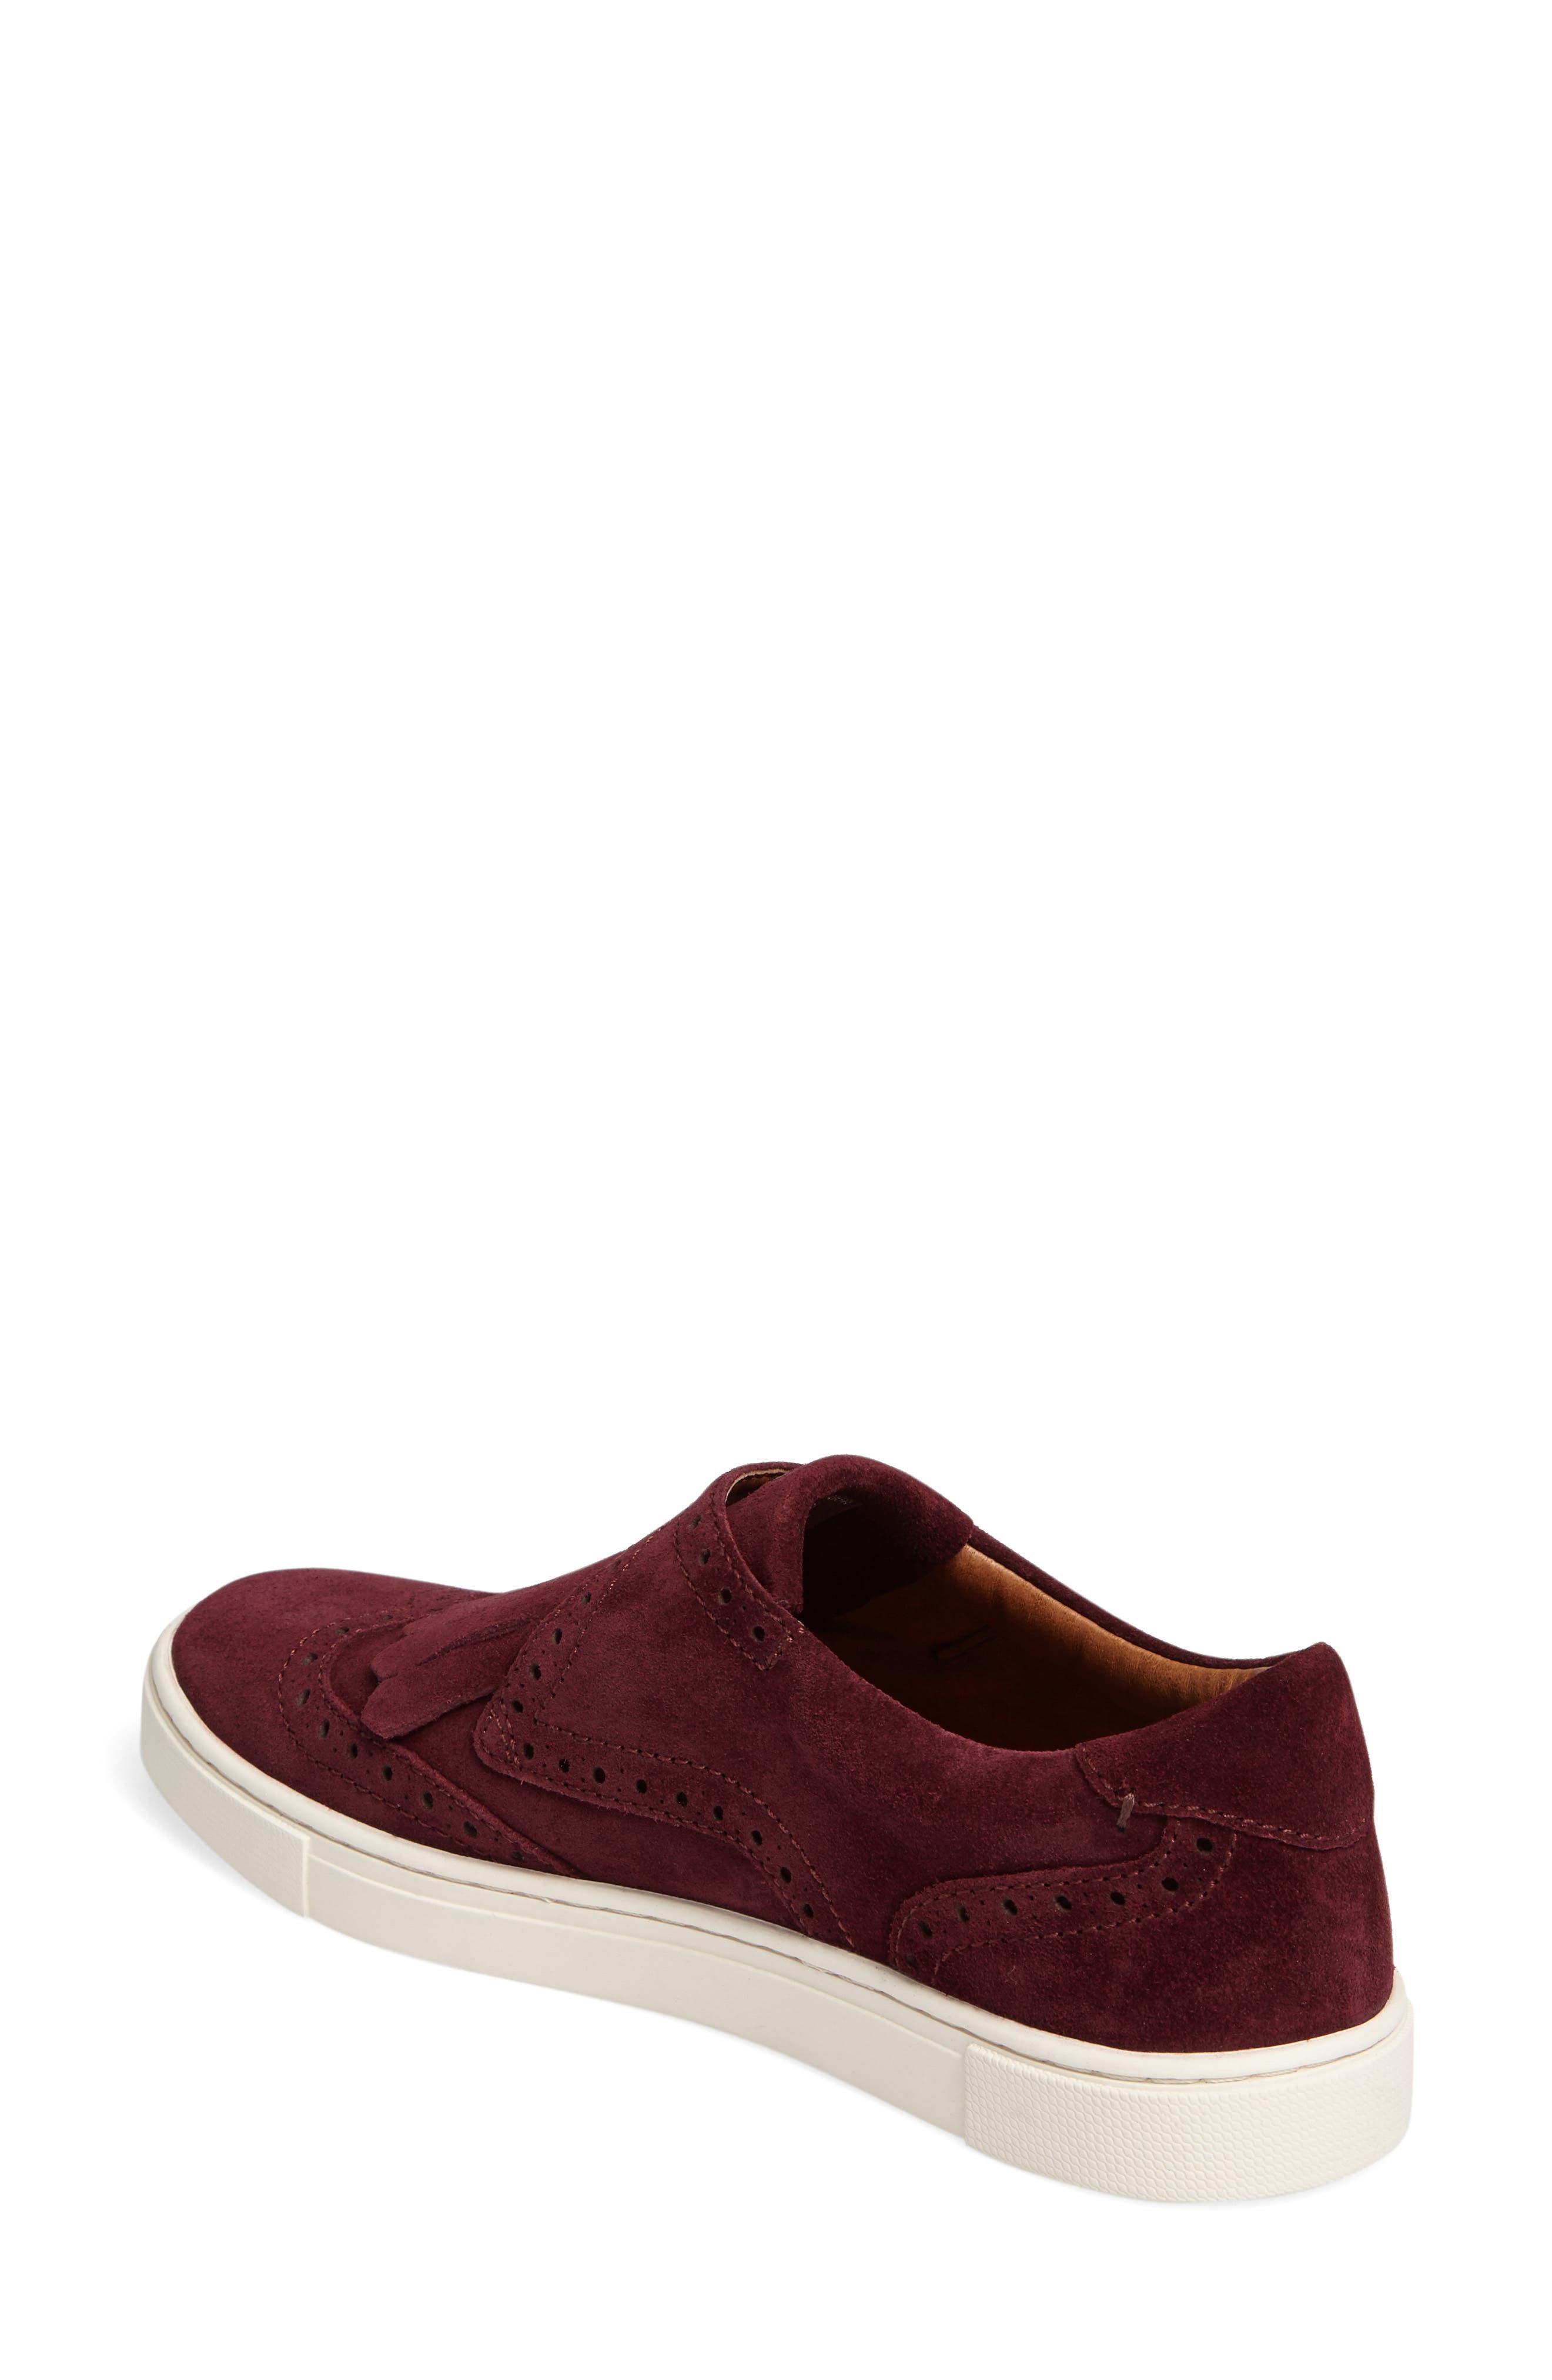 'Gemma' Kiltie Slip On-Sneaker,                             Alternate thumbnail 12, color,